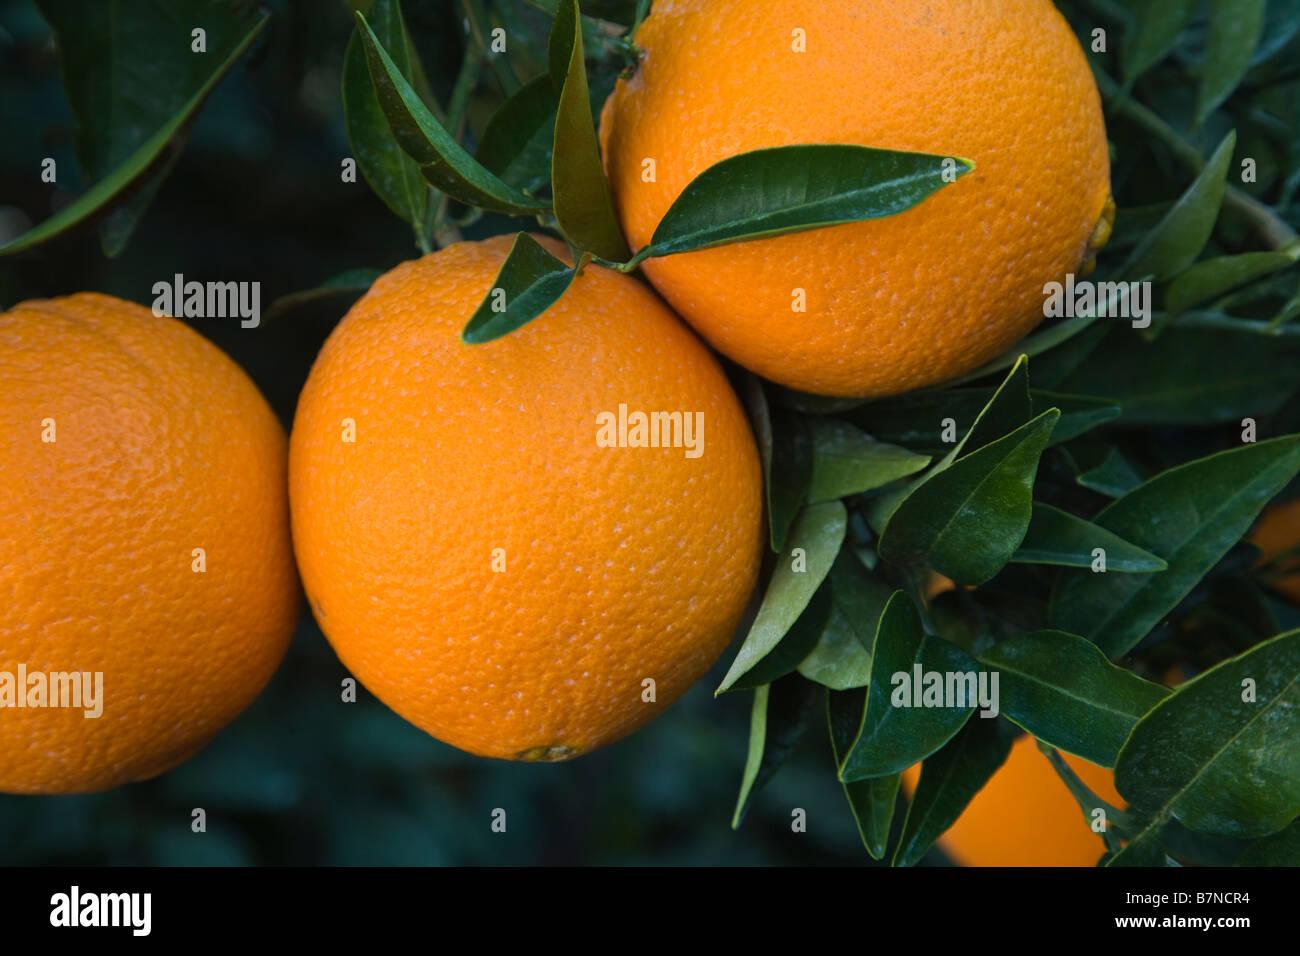 Mature Navel Oranges 'Washington' variety hanging  on branch - Stock Image